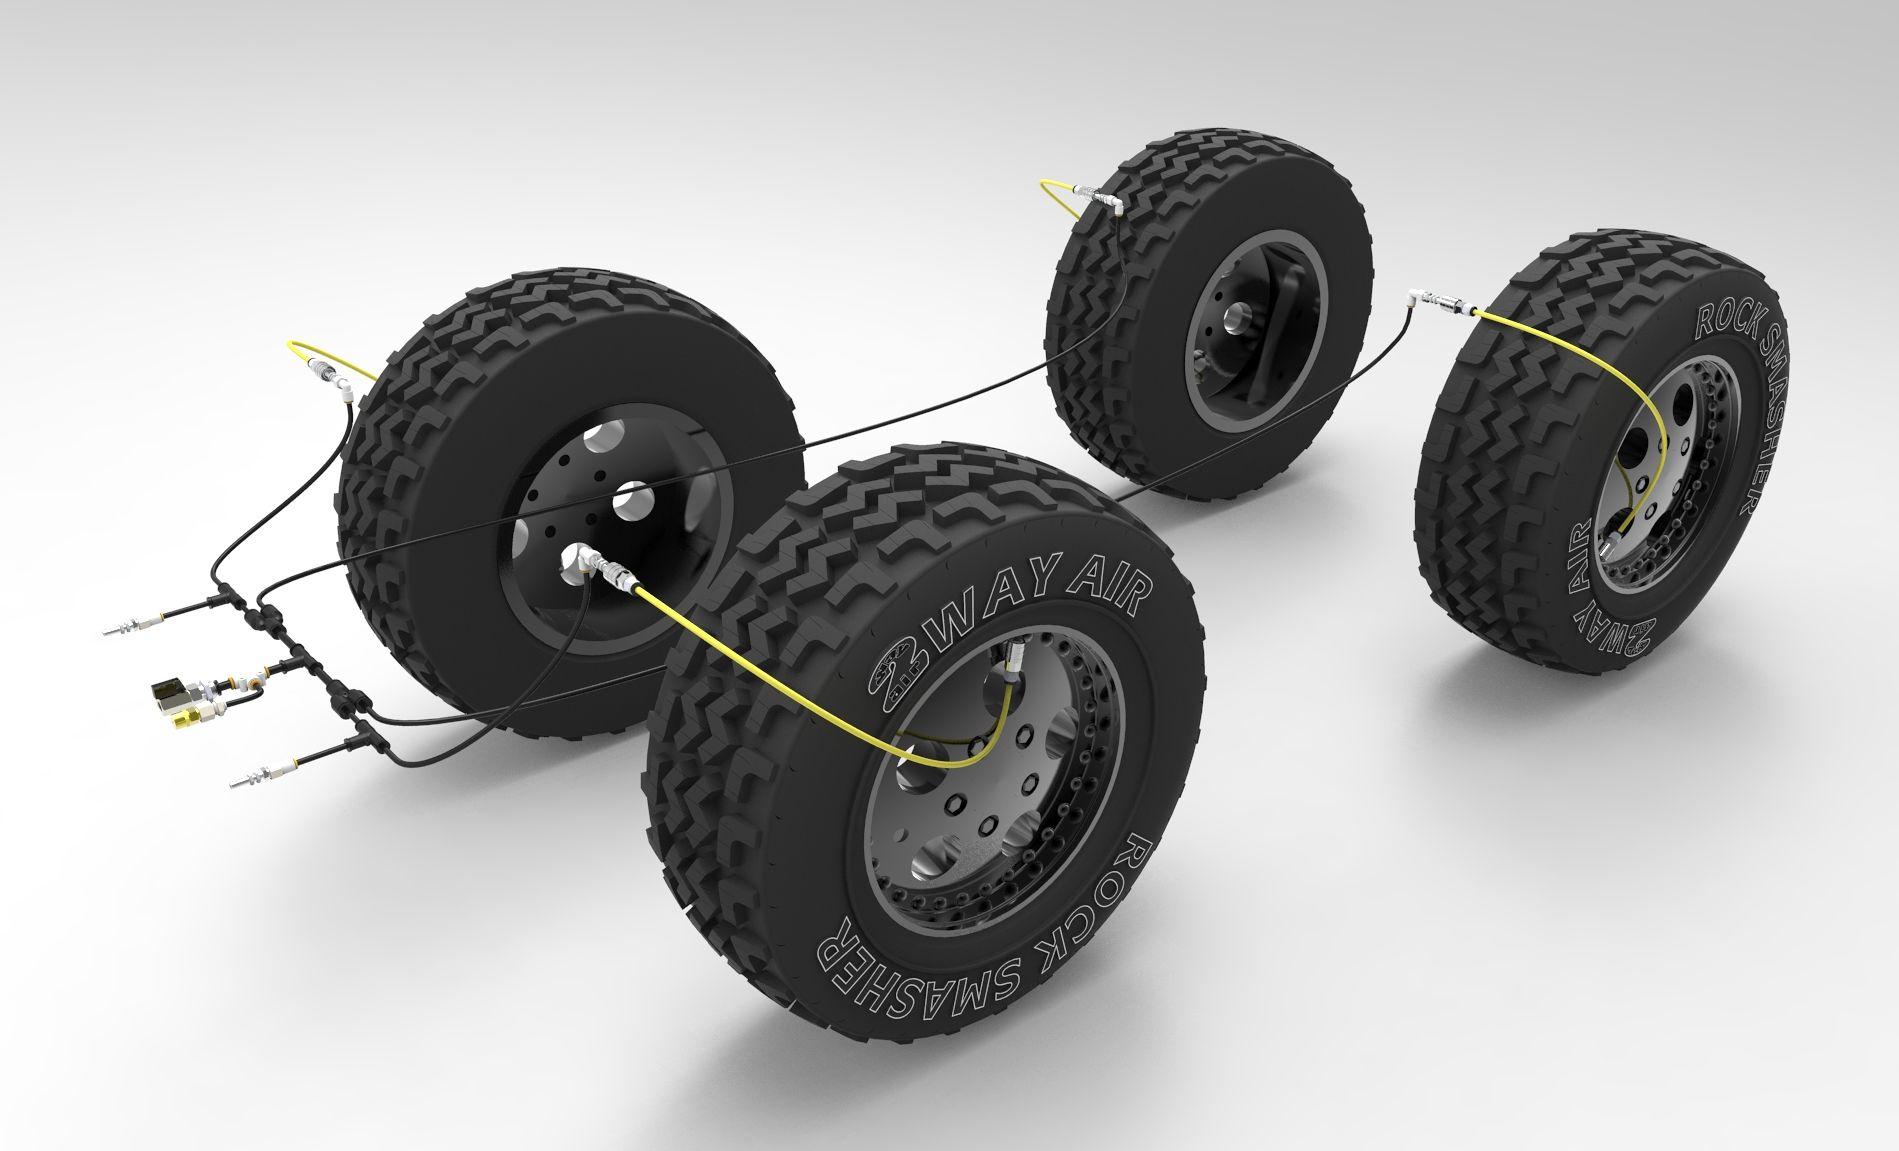 2wayair 4 Wheel Master Kit